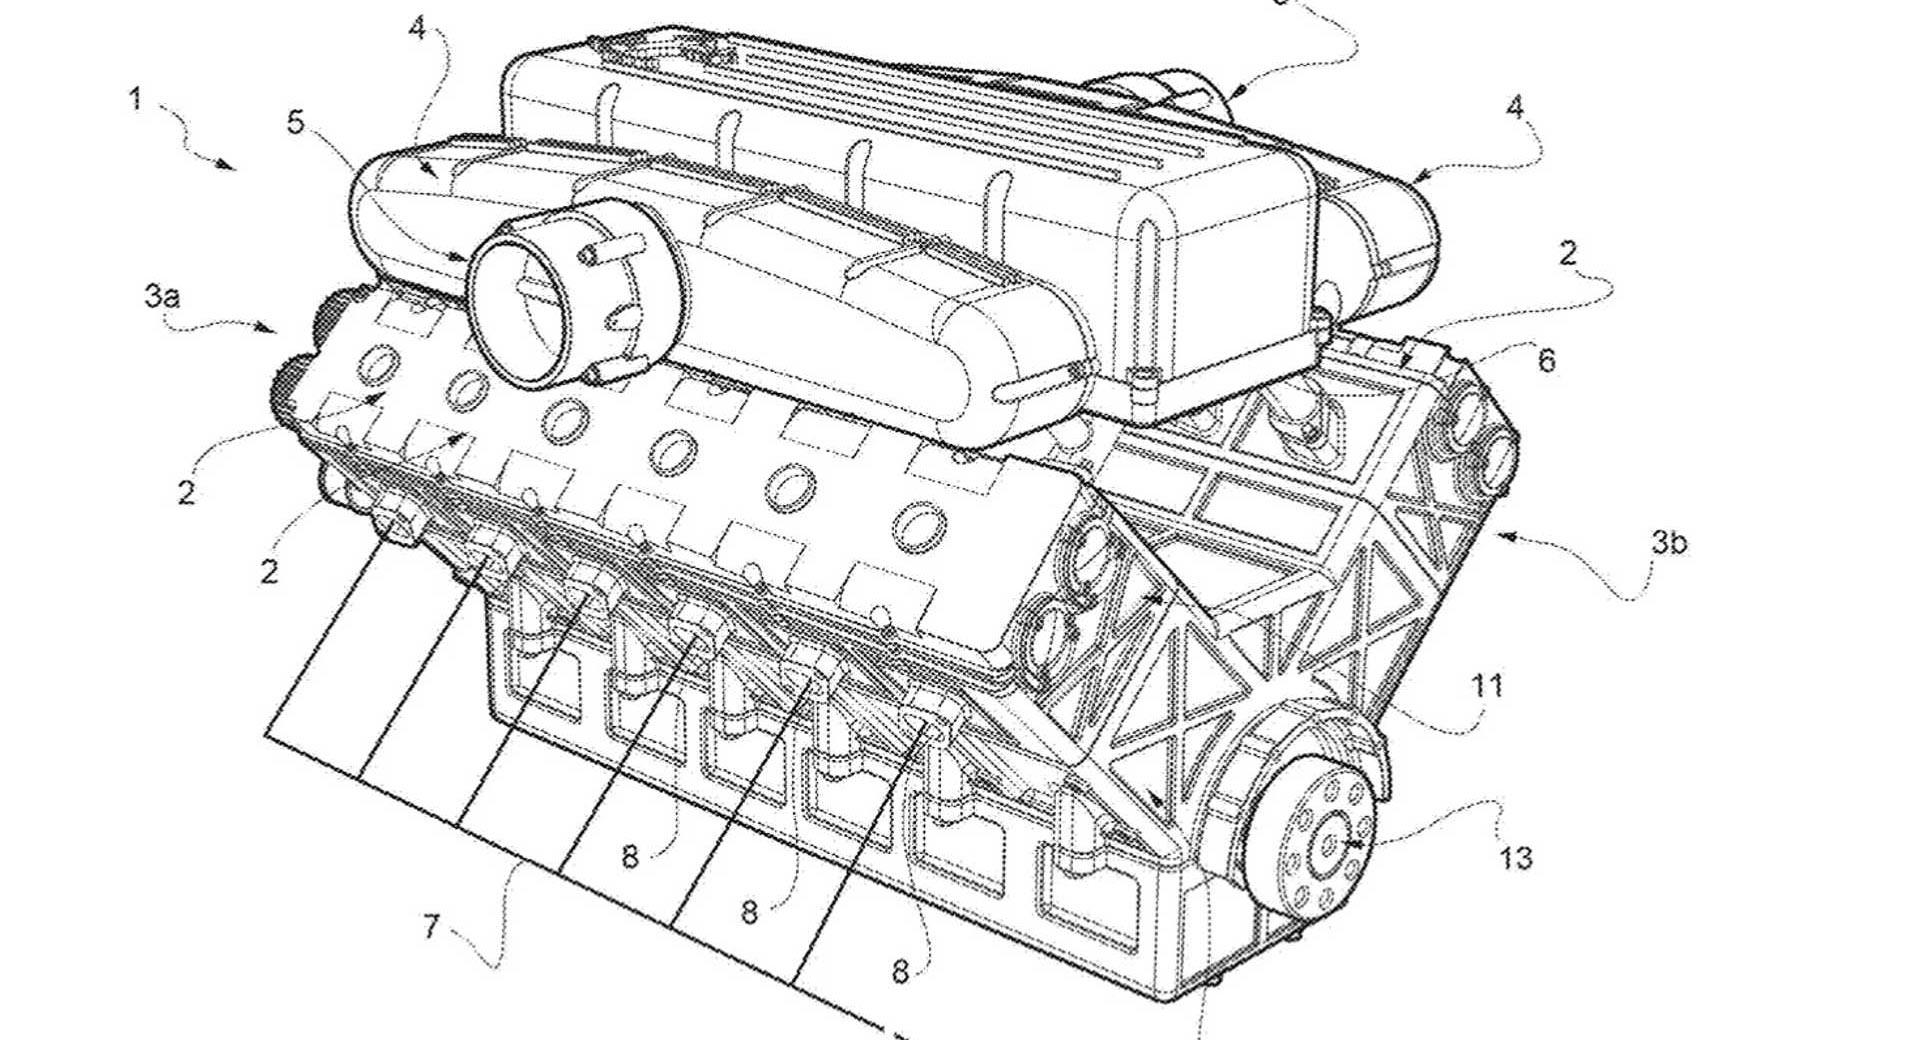 Ferrari Files Patents For New, More Fuel-Efficient V12